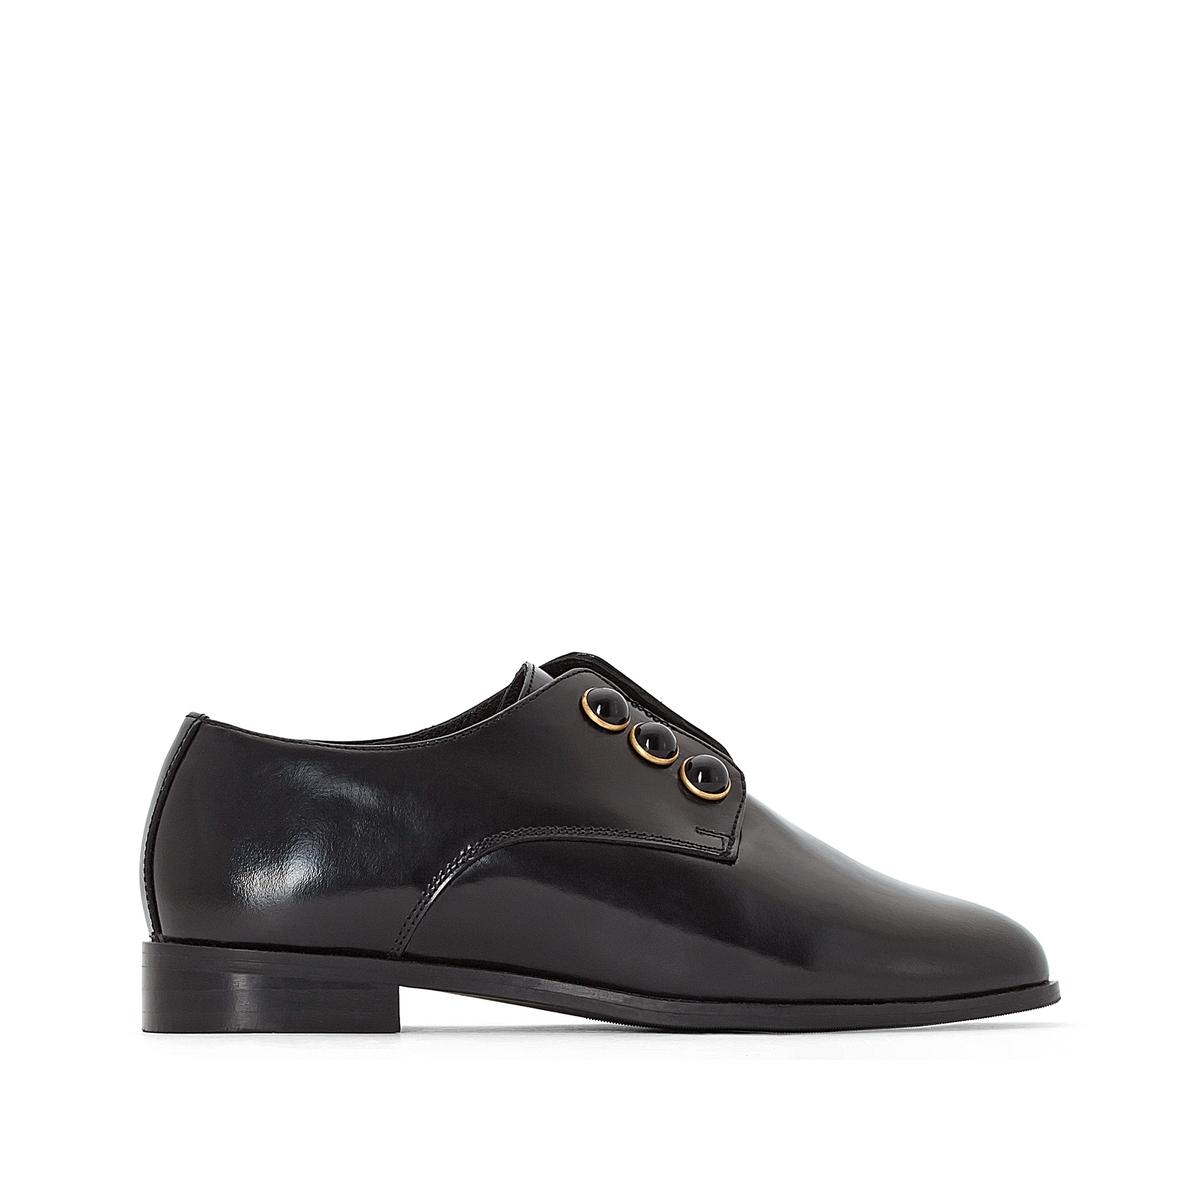 Ботинки-дерби кожаные с декоративным украшением